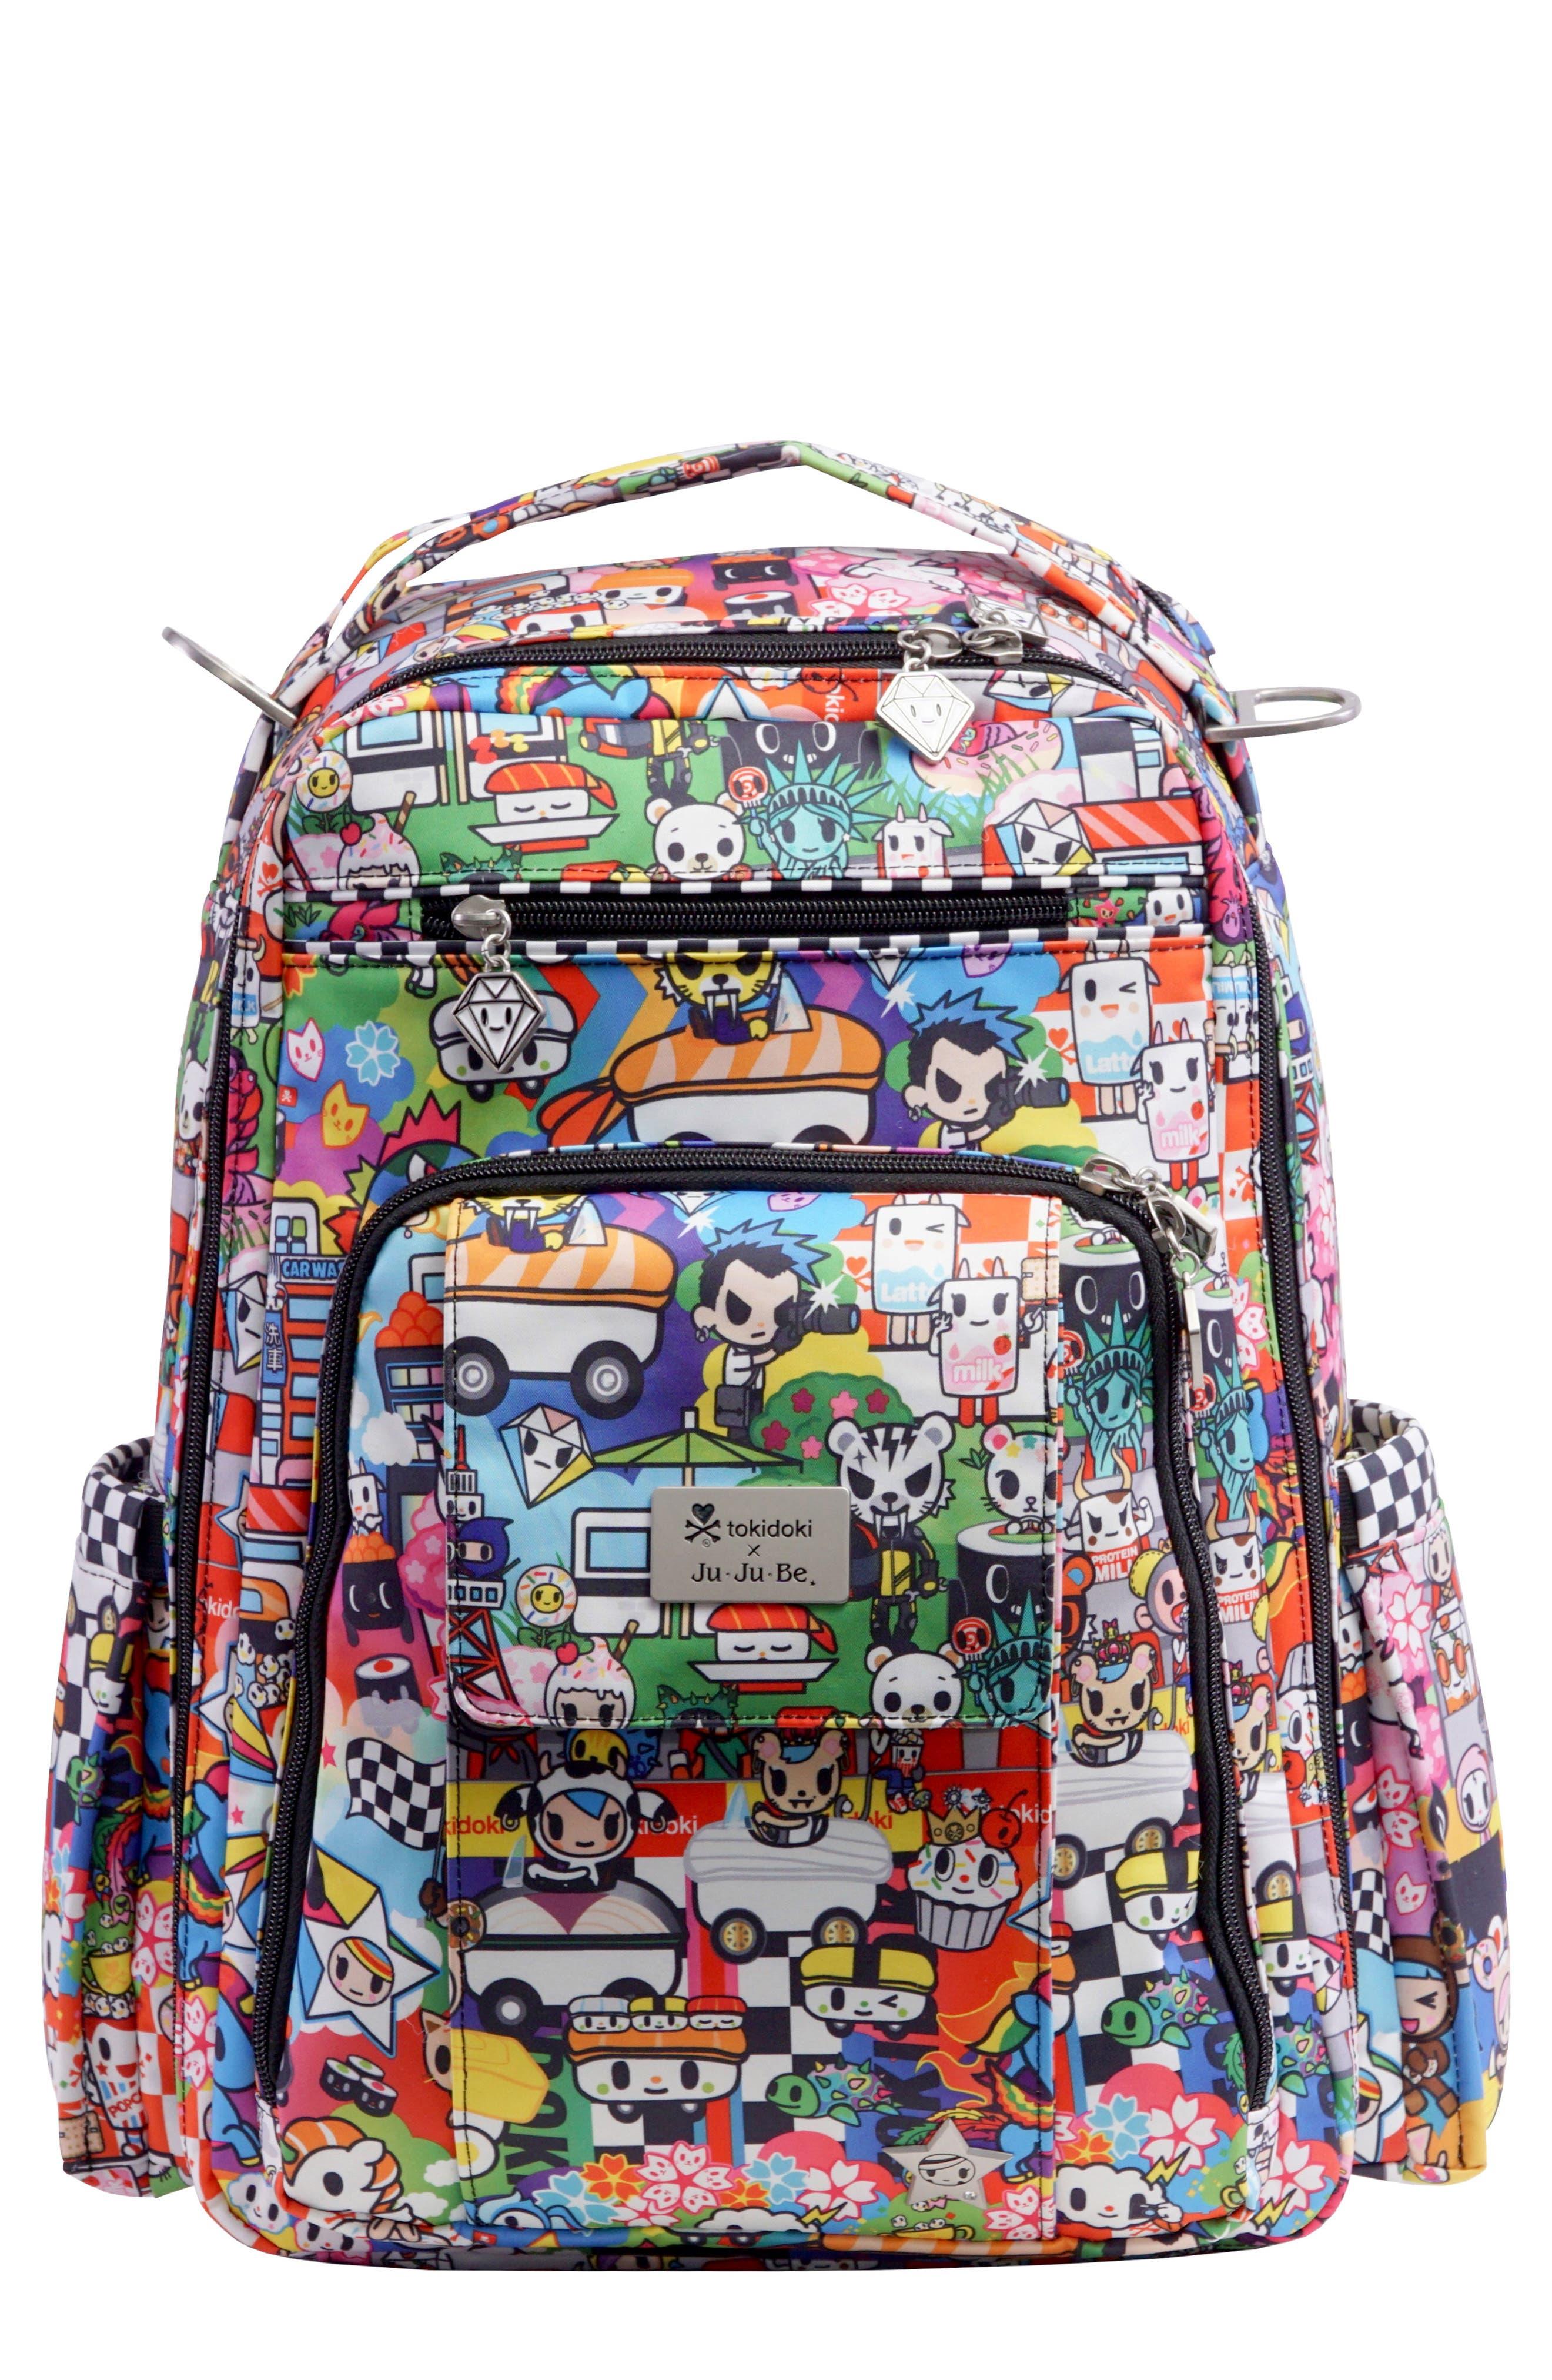 tokidoki x Ju-Ju-Be 'Be Right Back' Diaper Backpack,                             Main thumbnail 1, color,                             SUSHI CARS